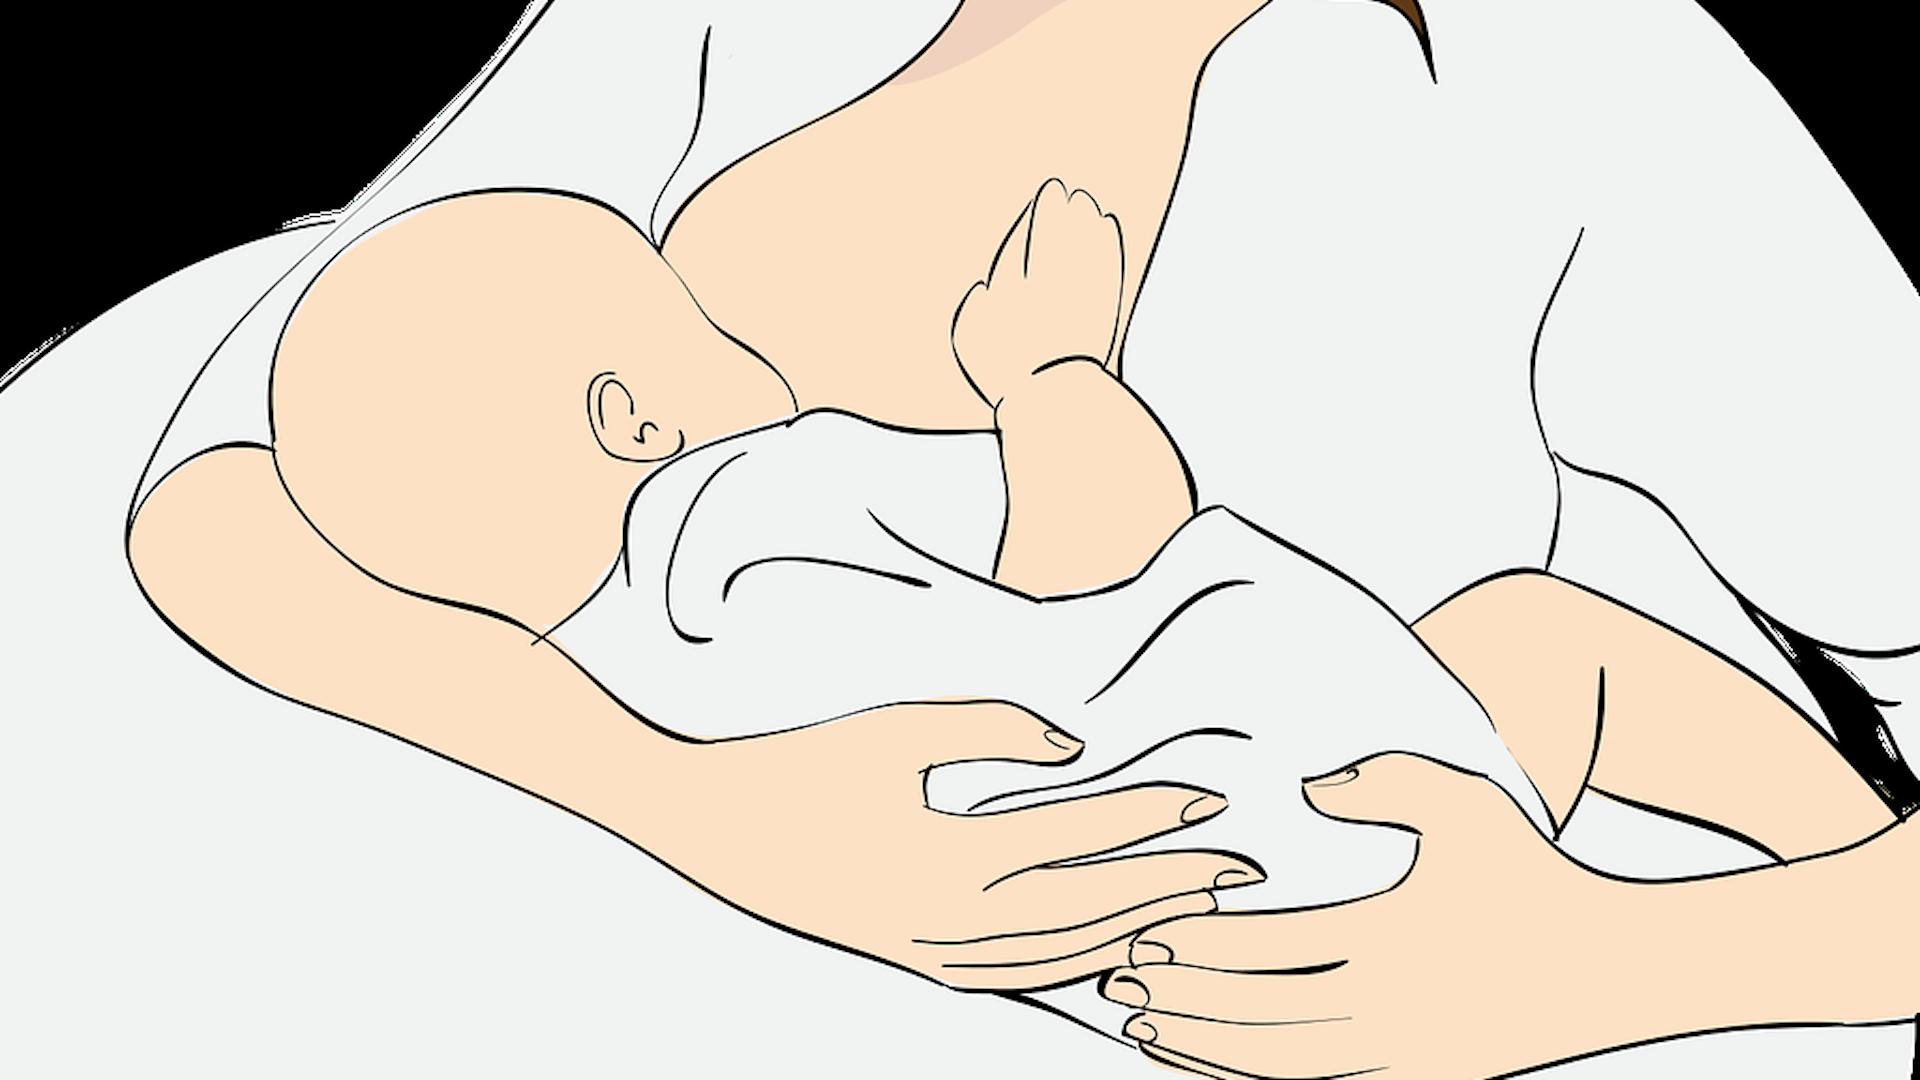 Brust ausstreichen: Tipps und Anleitung